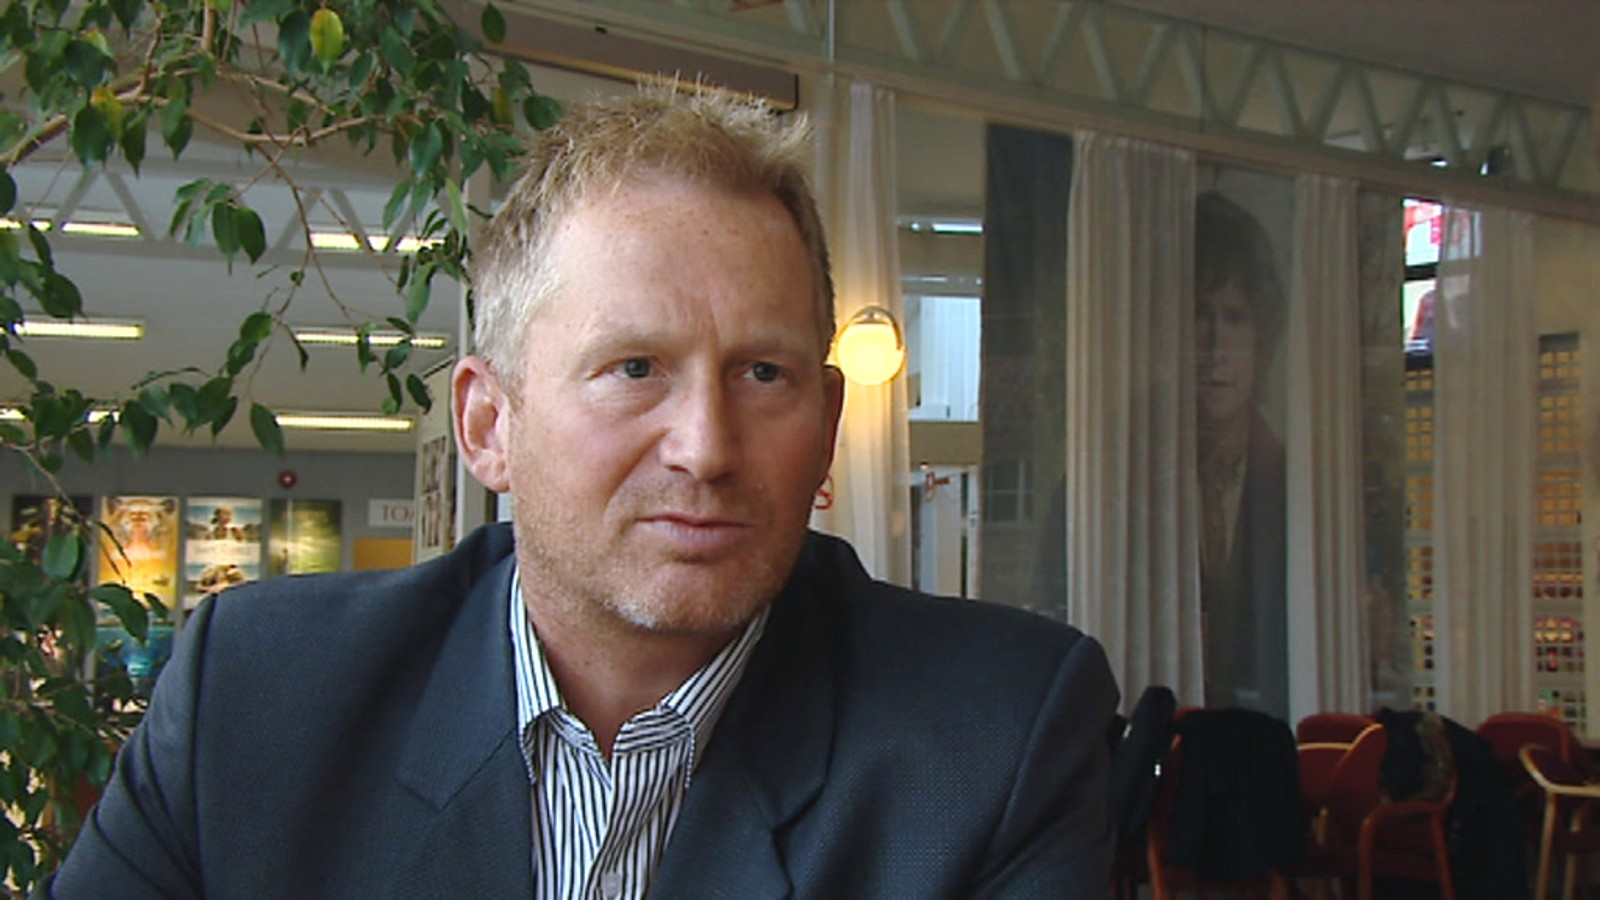 Erik Stene blir direktør for oppvekst og velferd. Er i dag velferdsdirektør hos Fylkesmannen i Nord-Trøndelag, hvor han begynte i 2012.